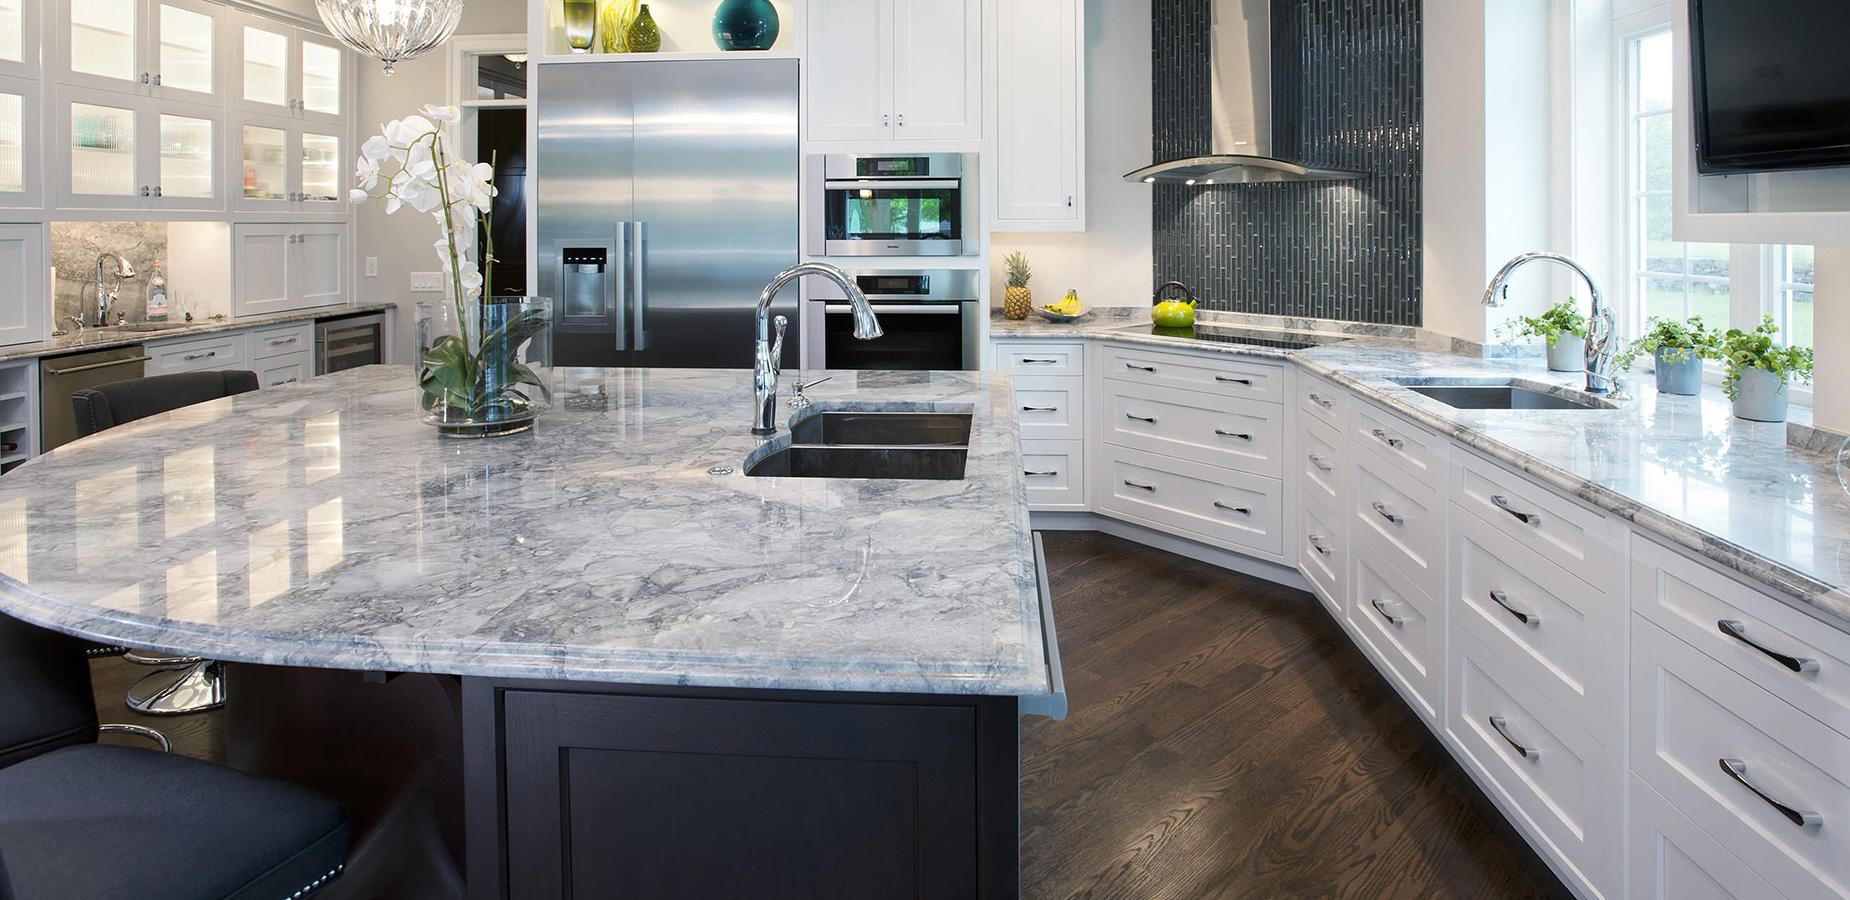 granite kitchen countertops pics photo - 4